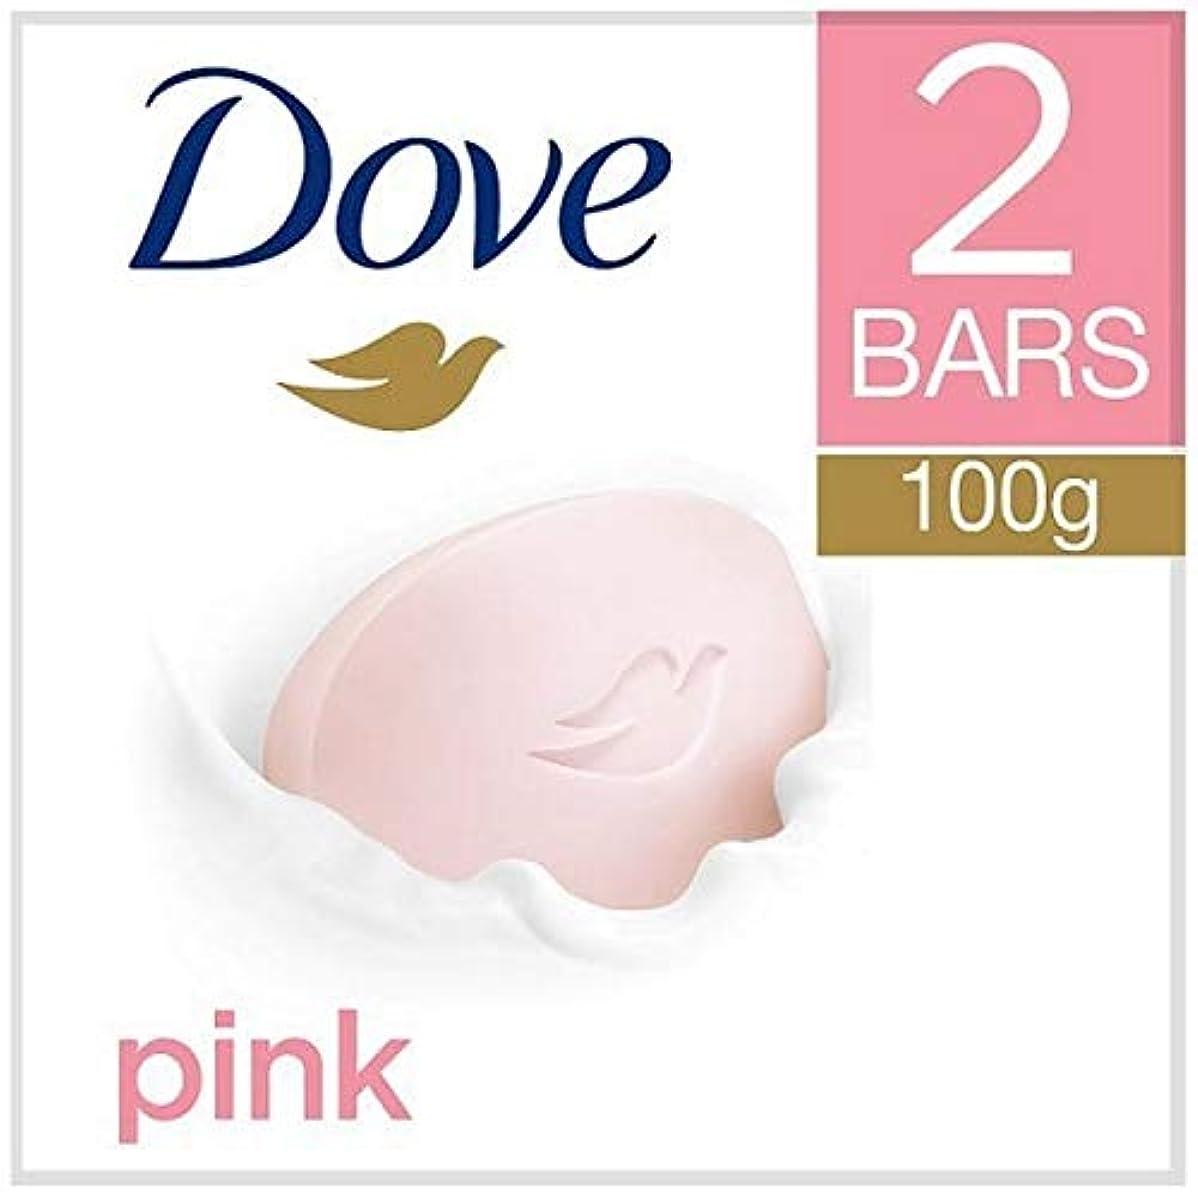 軽蔑する皮肉なモニター[Dove ] 鳩ピンク美容クリームバー2X100G - Dove Pink Beauty Cream Bar 2x100g [並行輸入品]